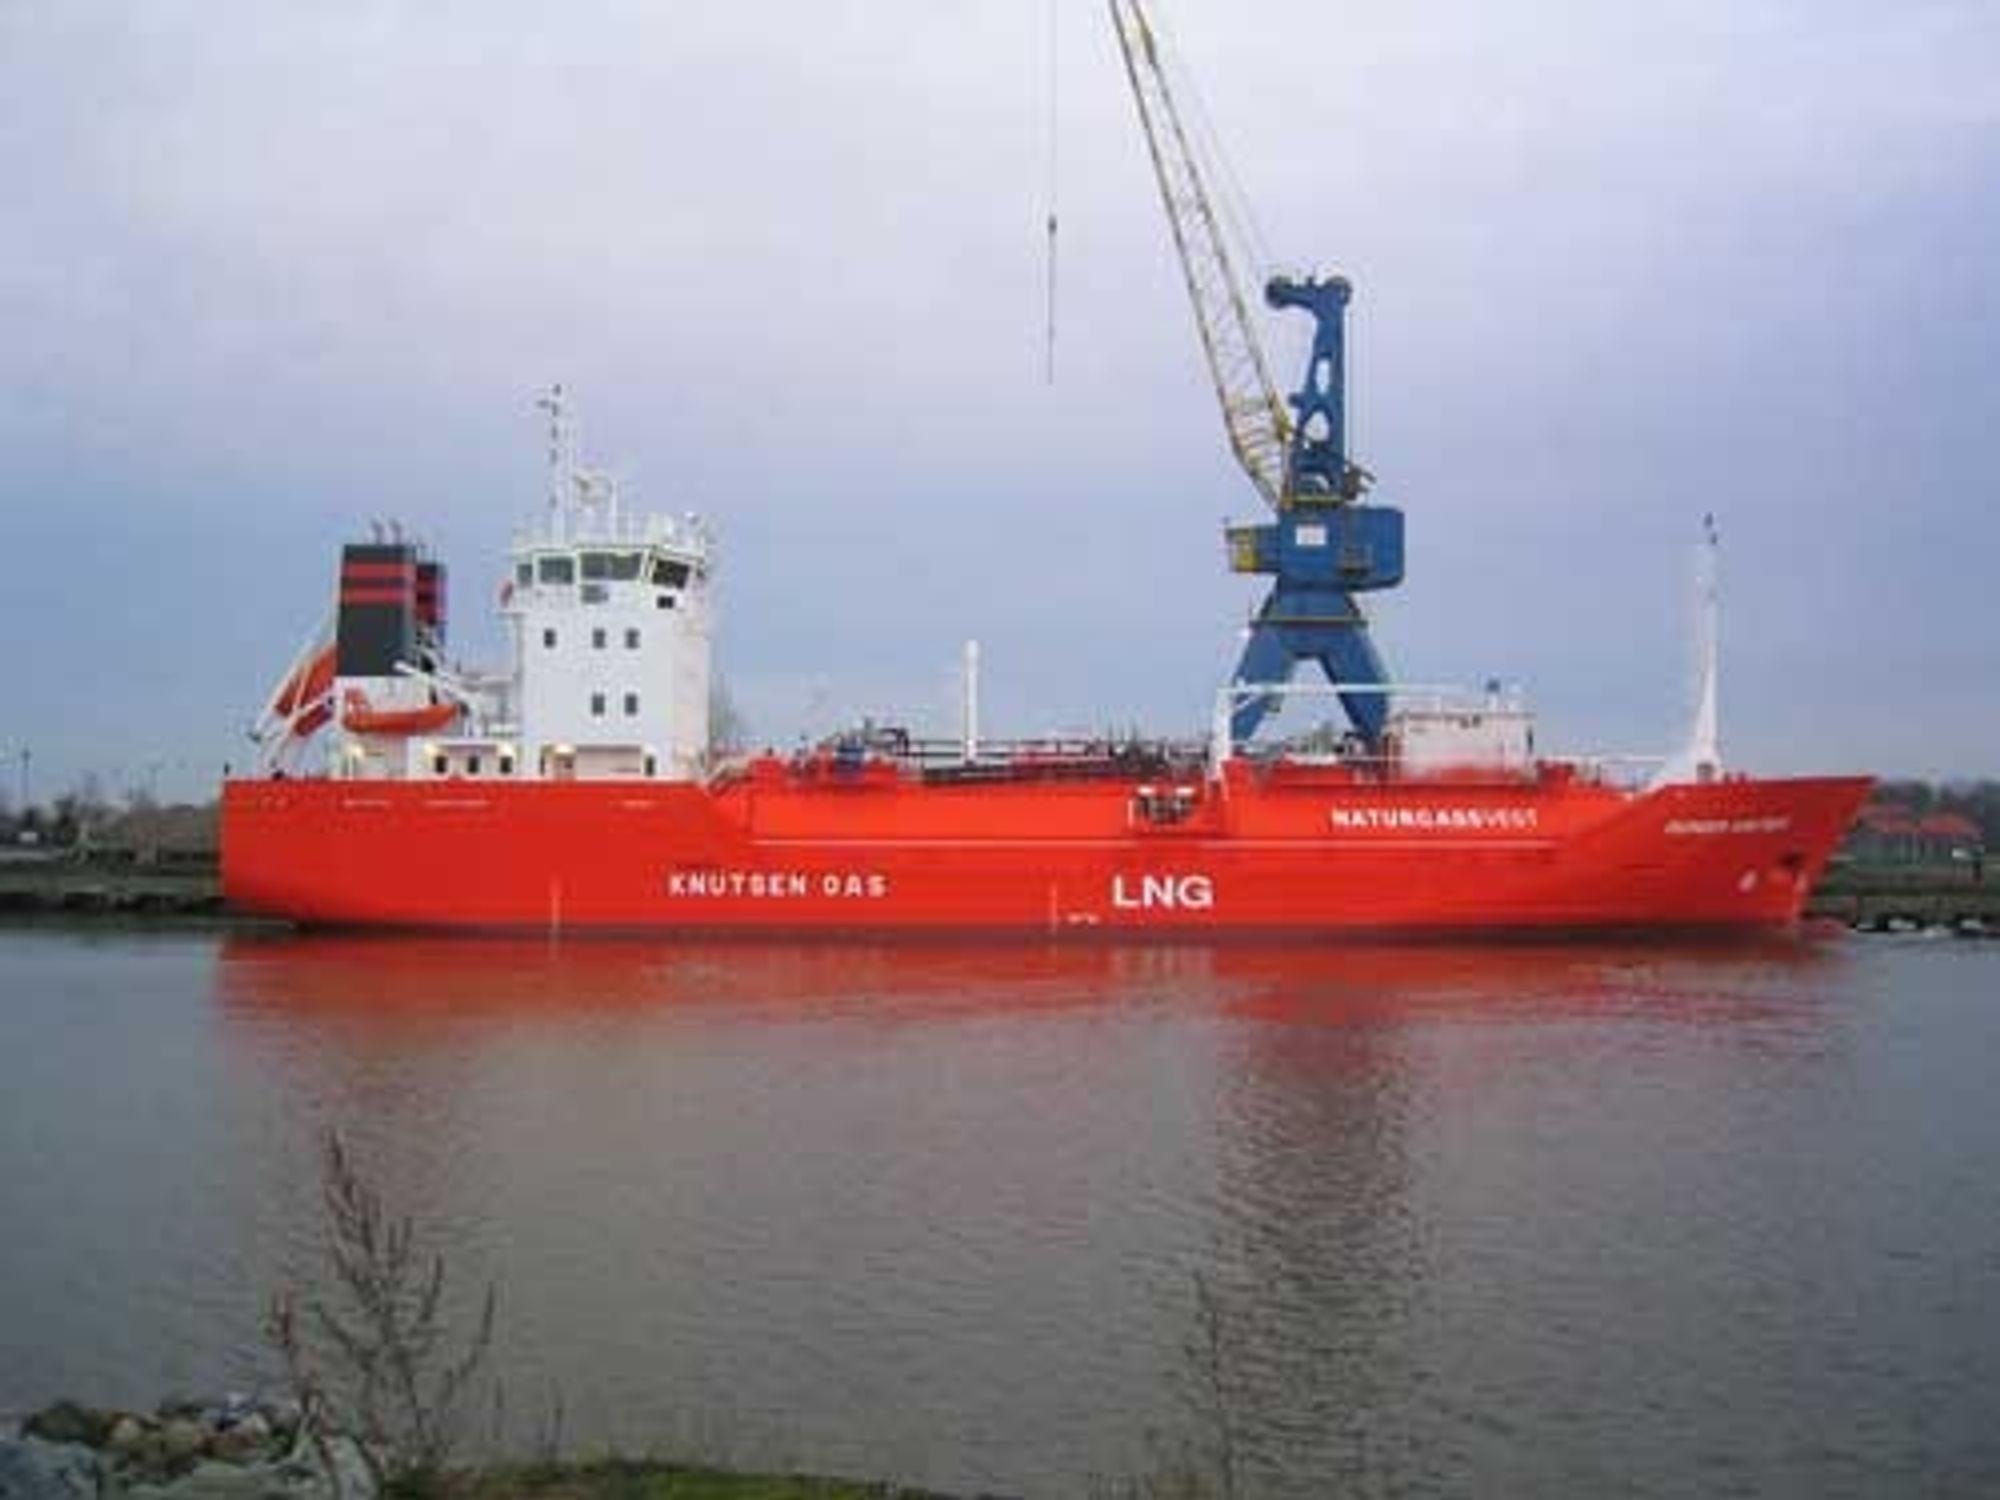 LNG-skipet Pioneer Knutsen frakter LNG langs kysten. Behovet for fleksible bunkringssystemer øker etter hvert som LNG tas i bruk på nye områder.